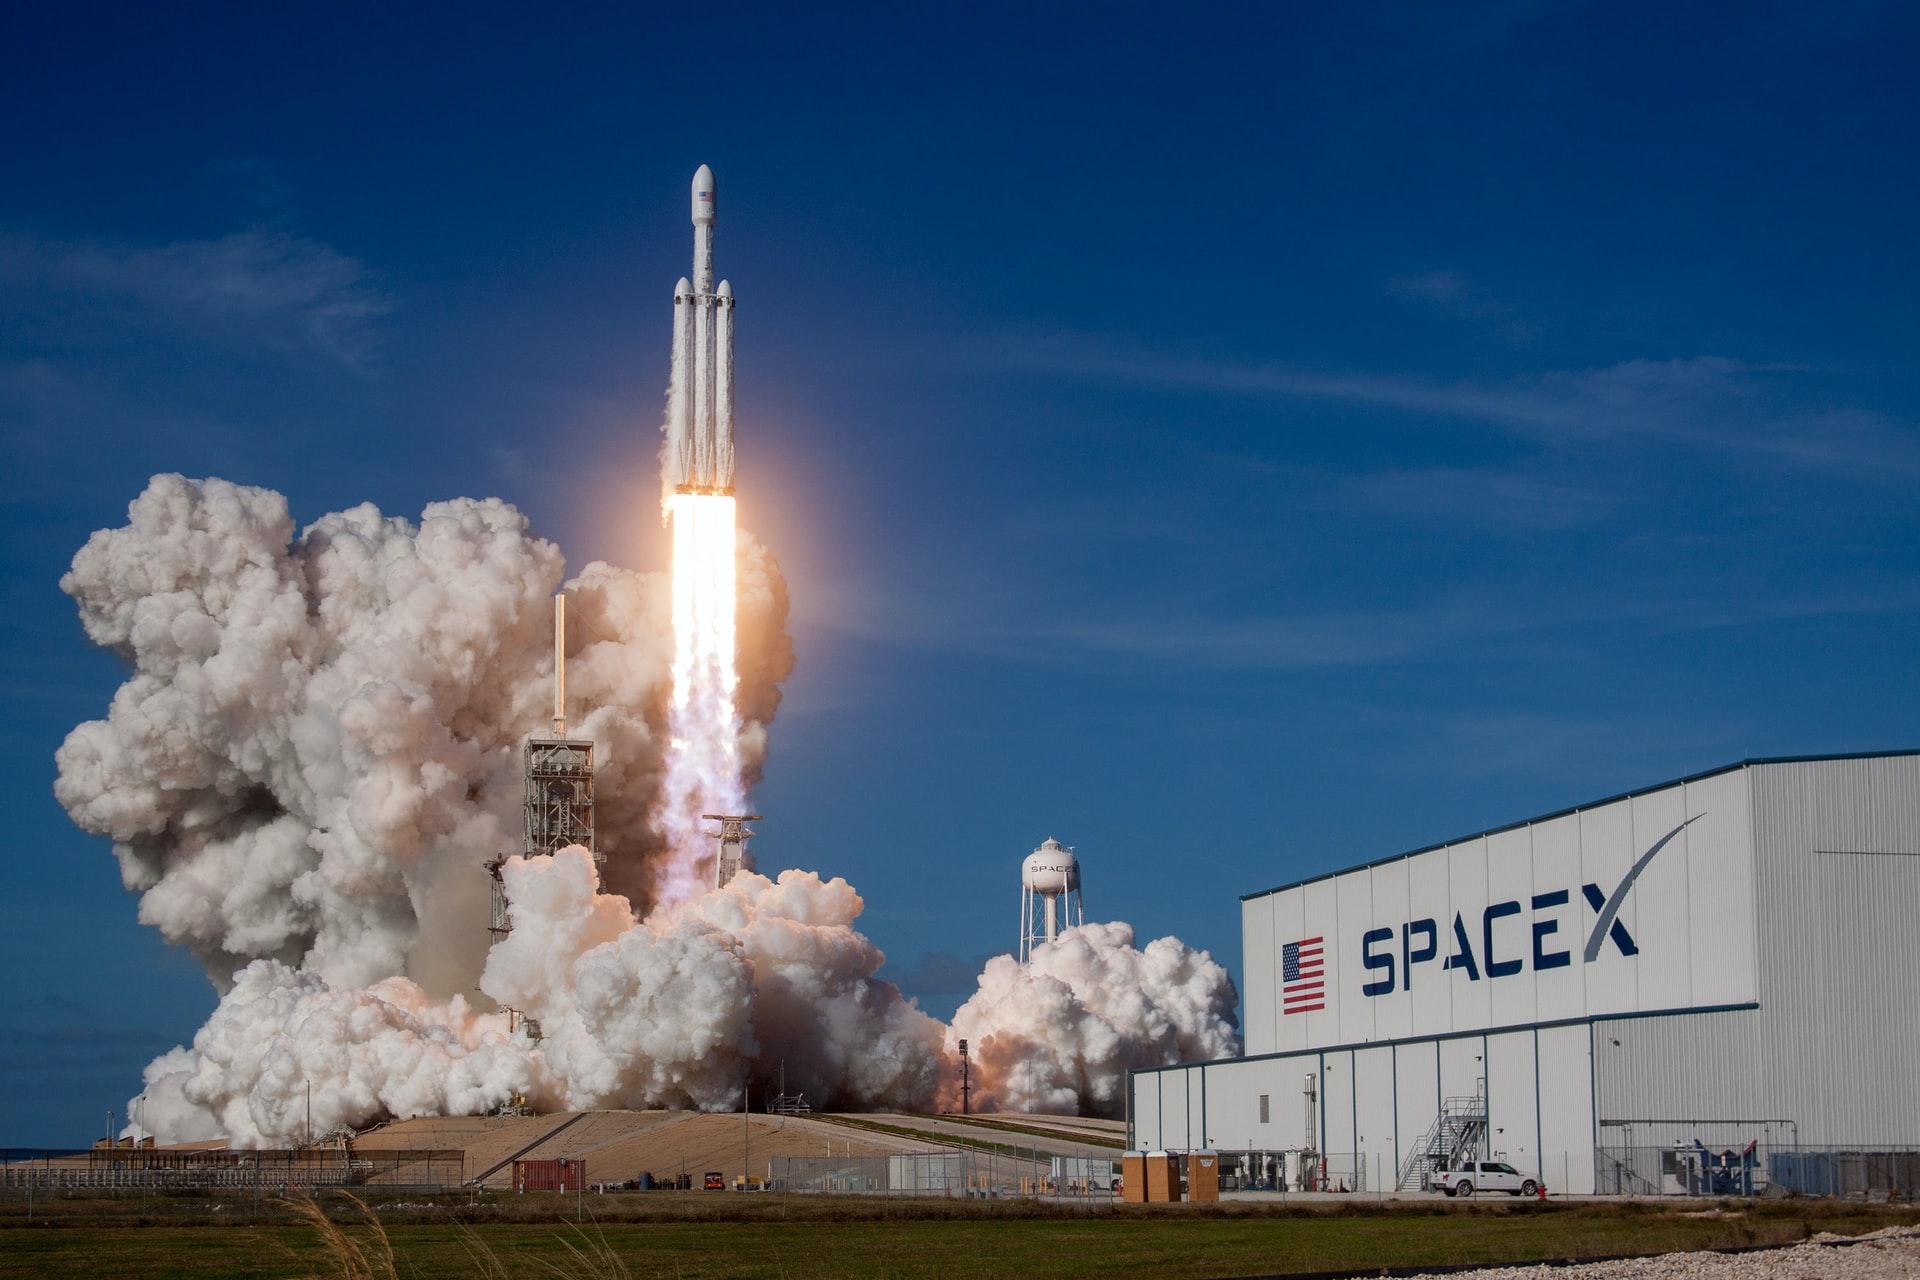 Spacex ptd itdrcjm unsplash